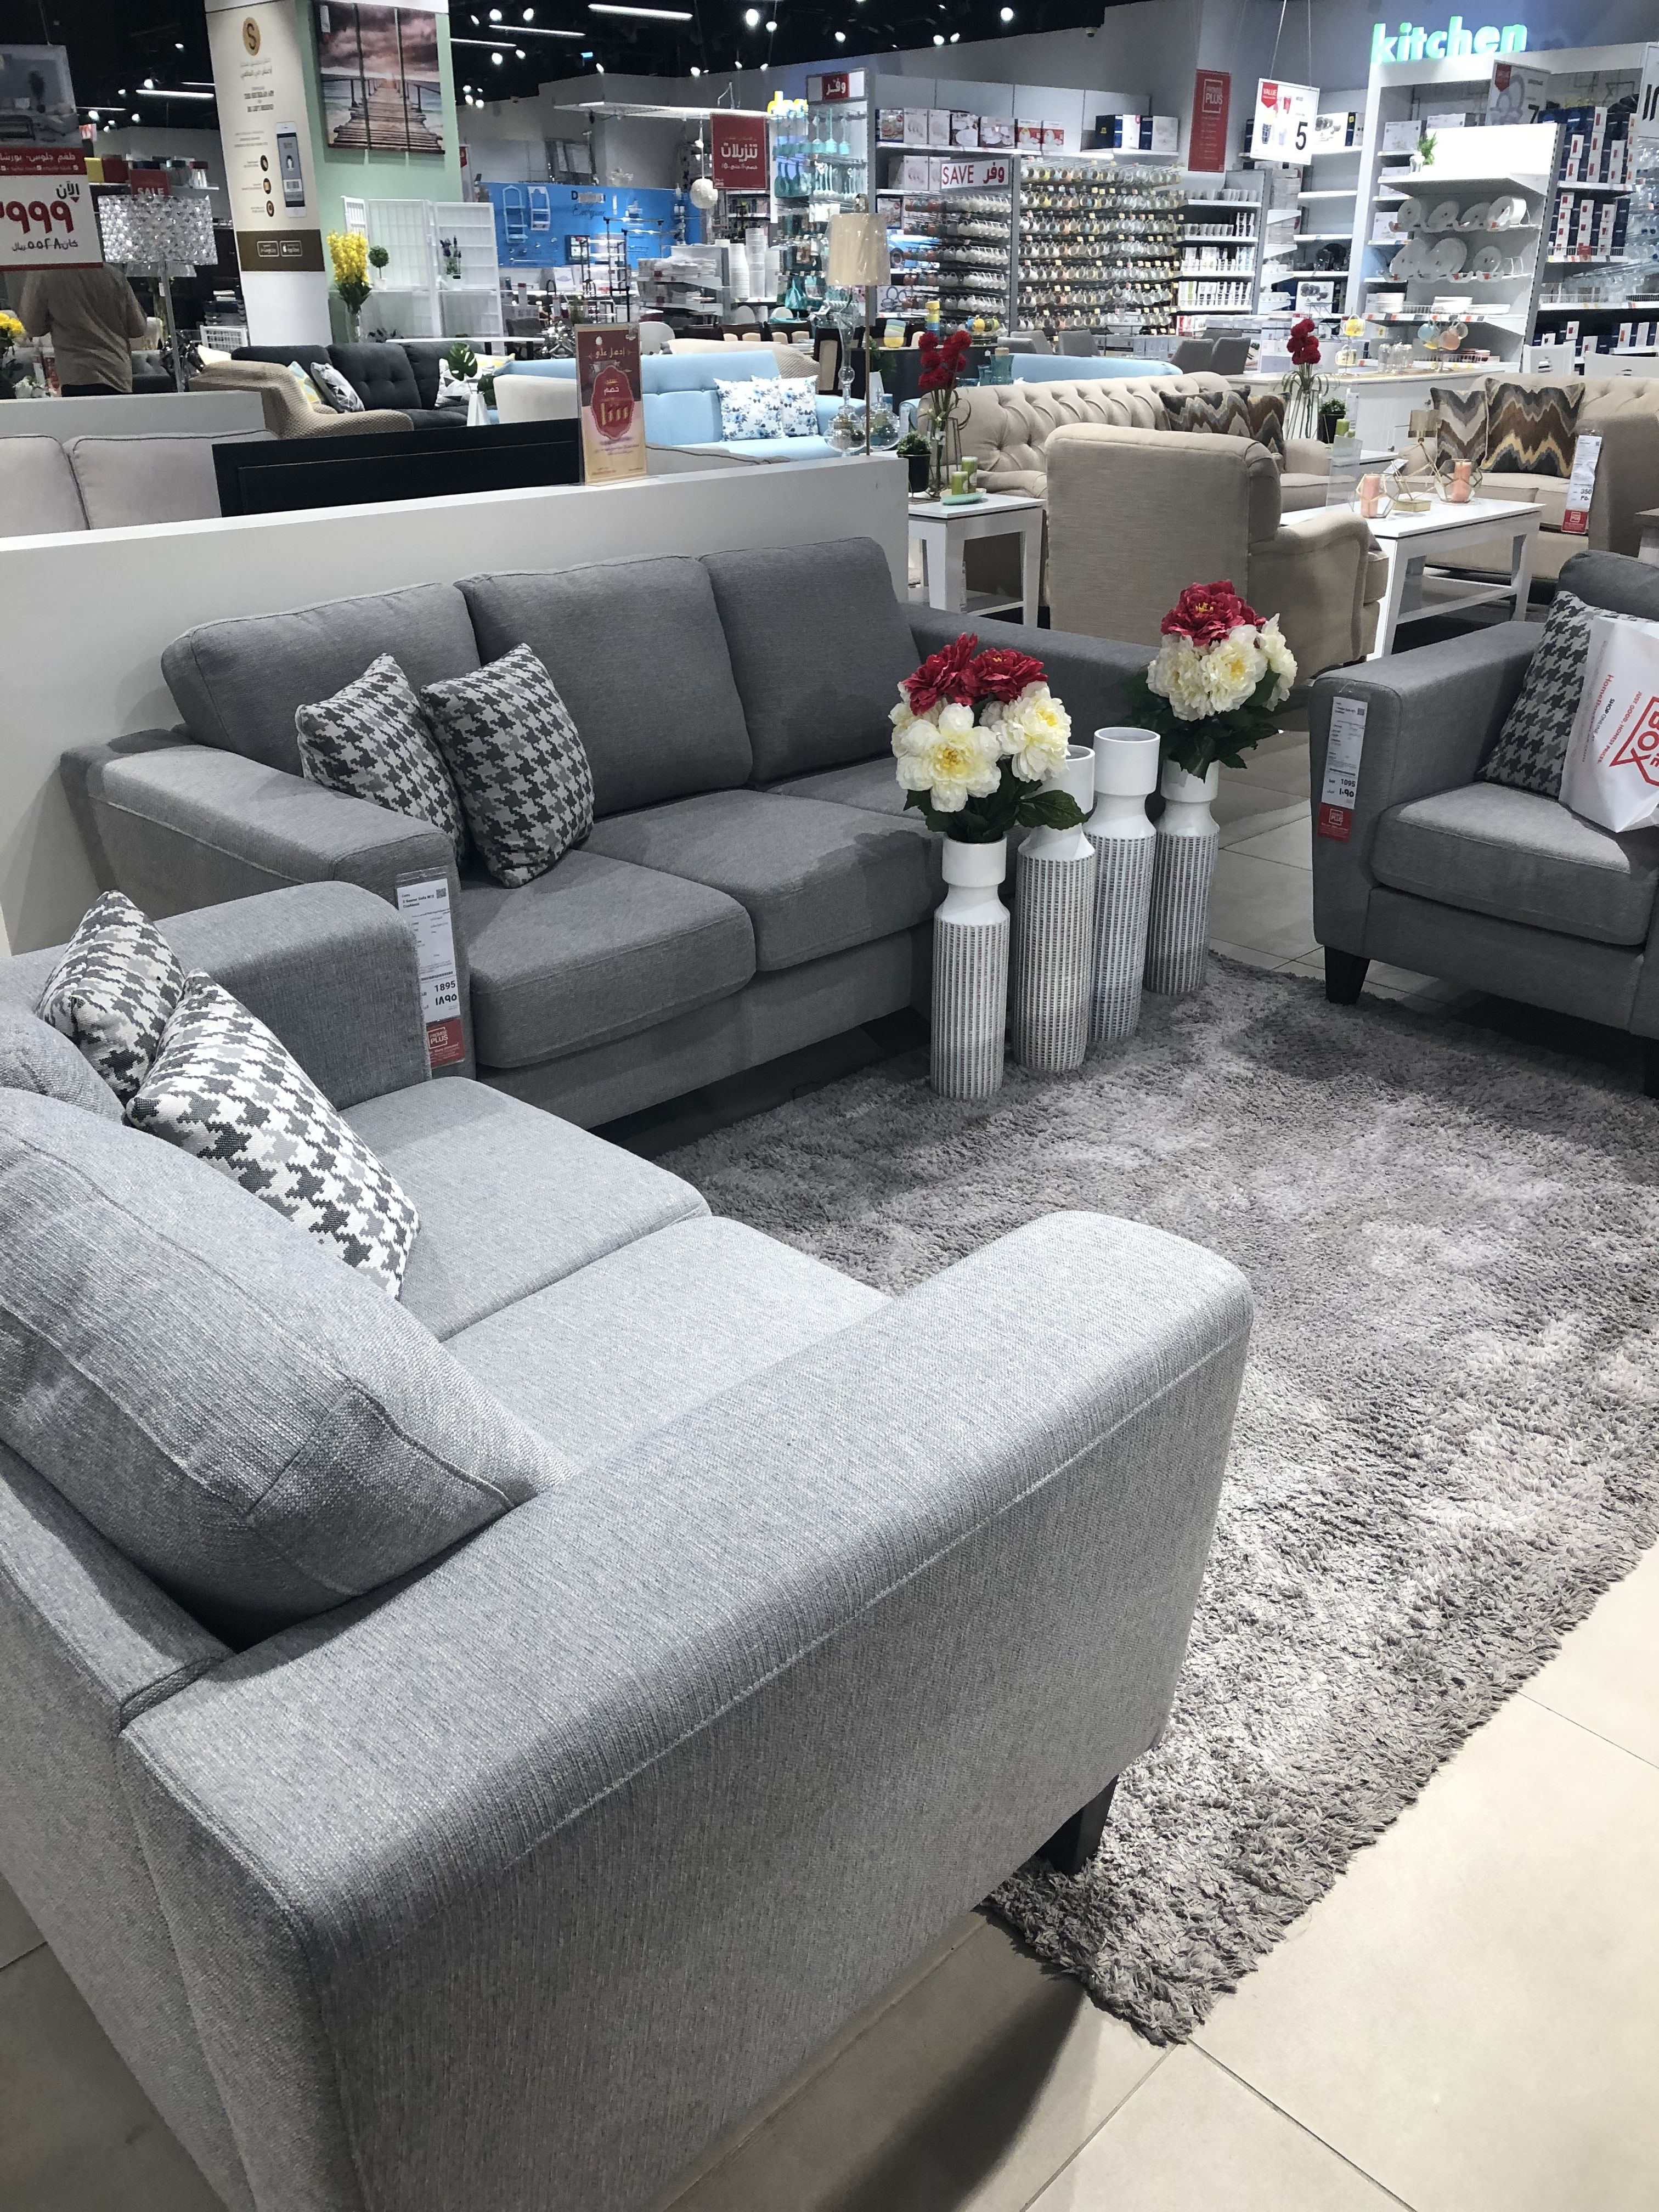 كنب مودرن رمادي هوم بوكس Home Box Sectional Couch Furniture Decor